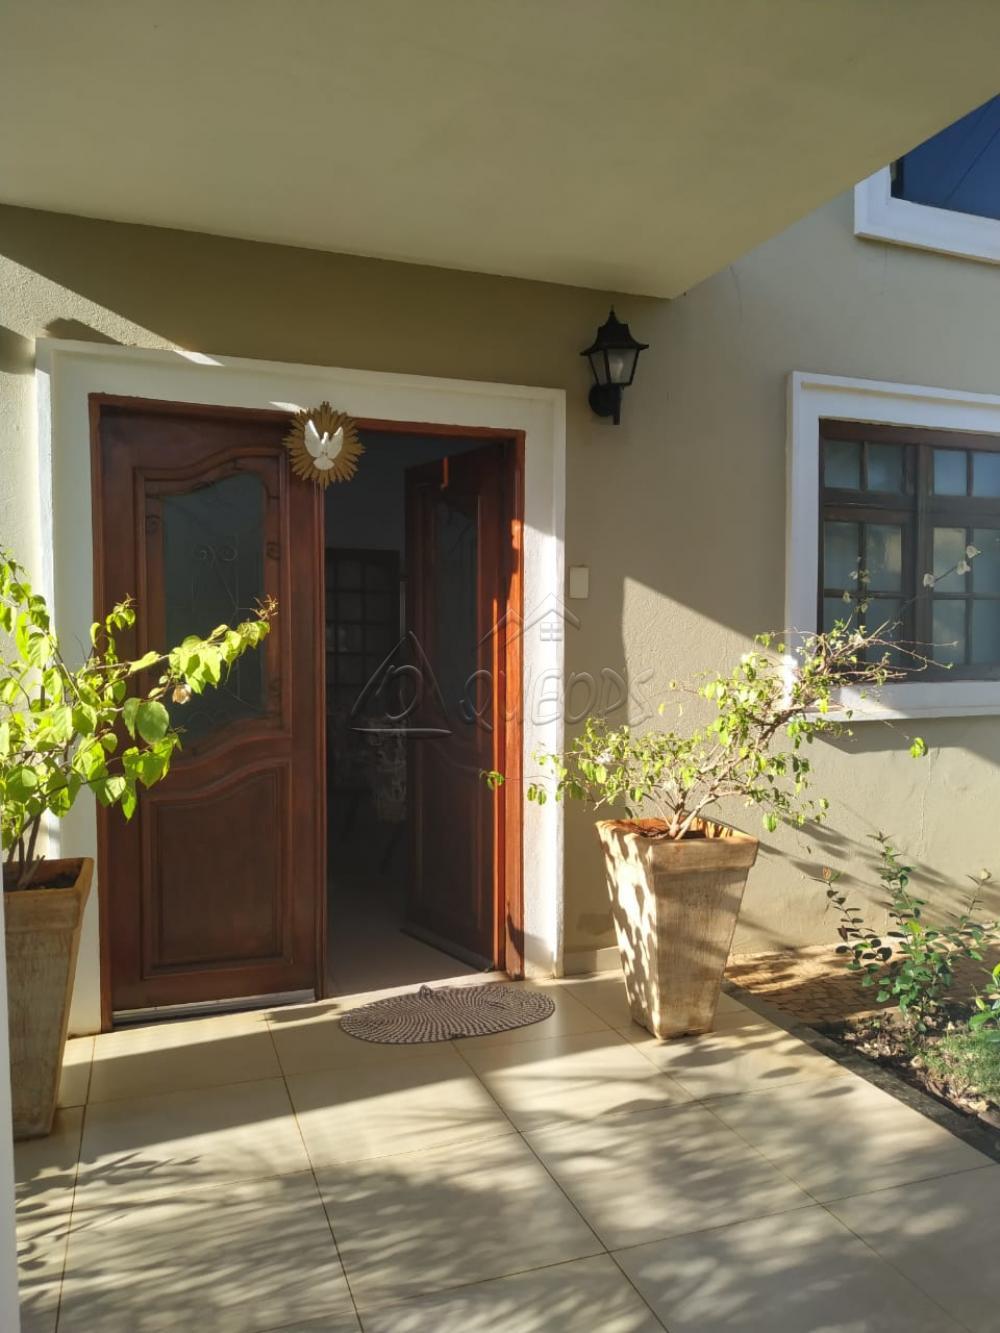 Comprar Casa / Padrão em Barretos apenas R$ 770.000,00 - Foto 3